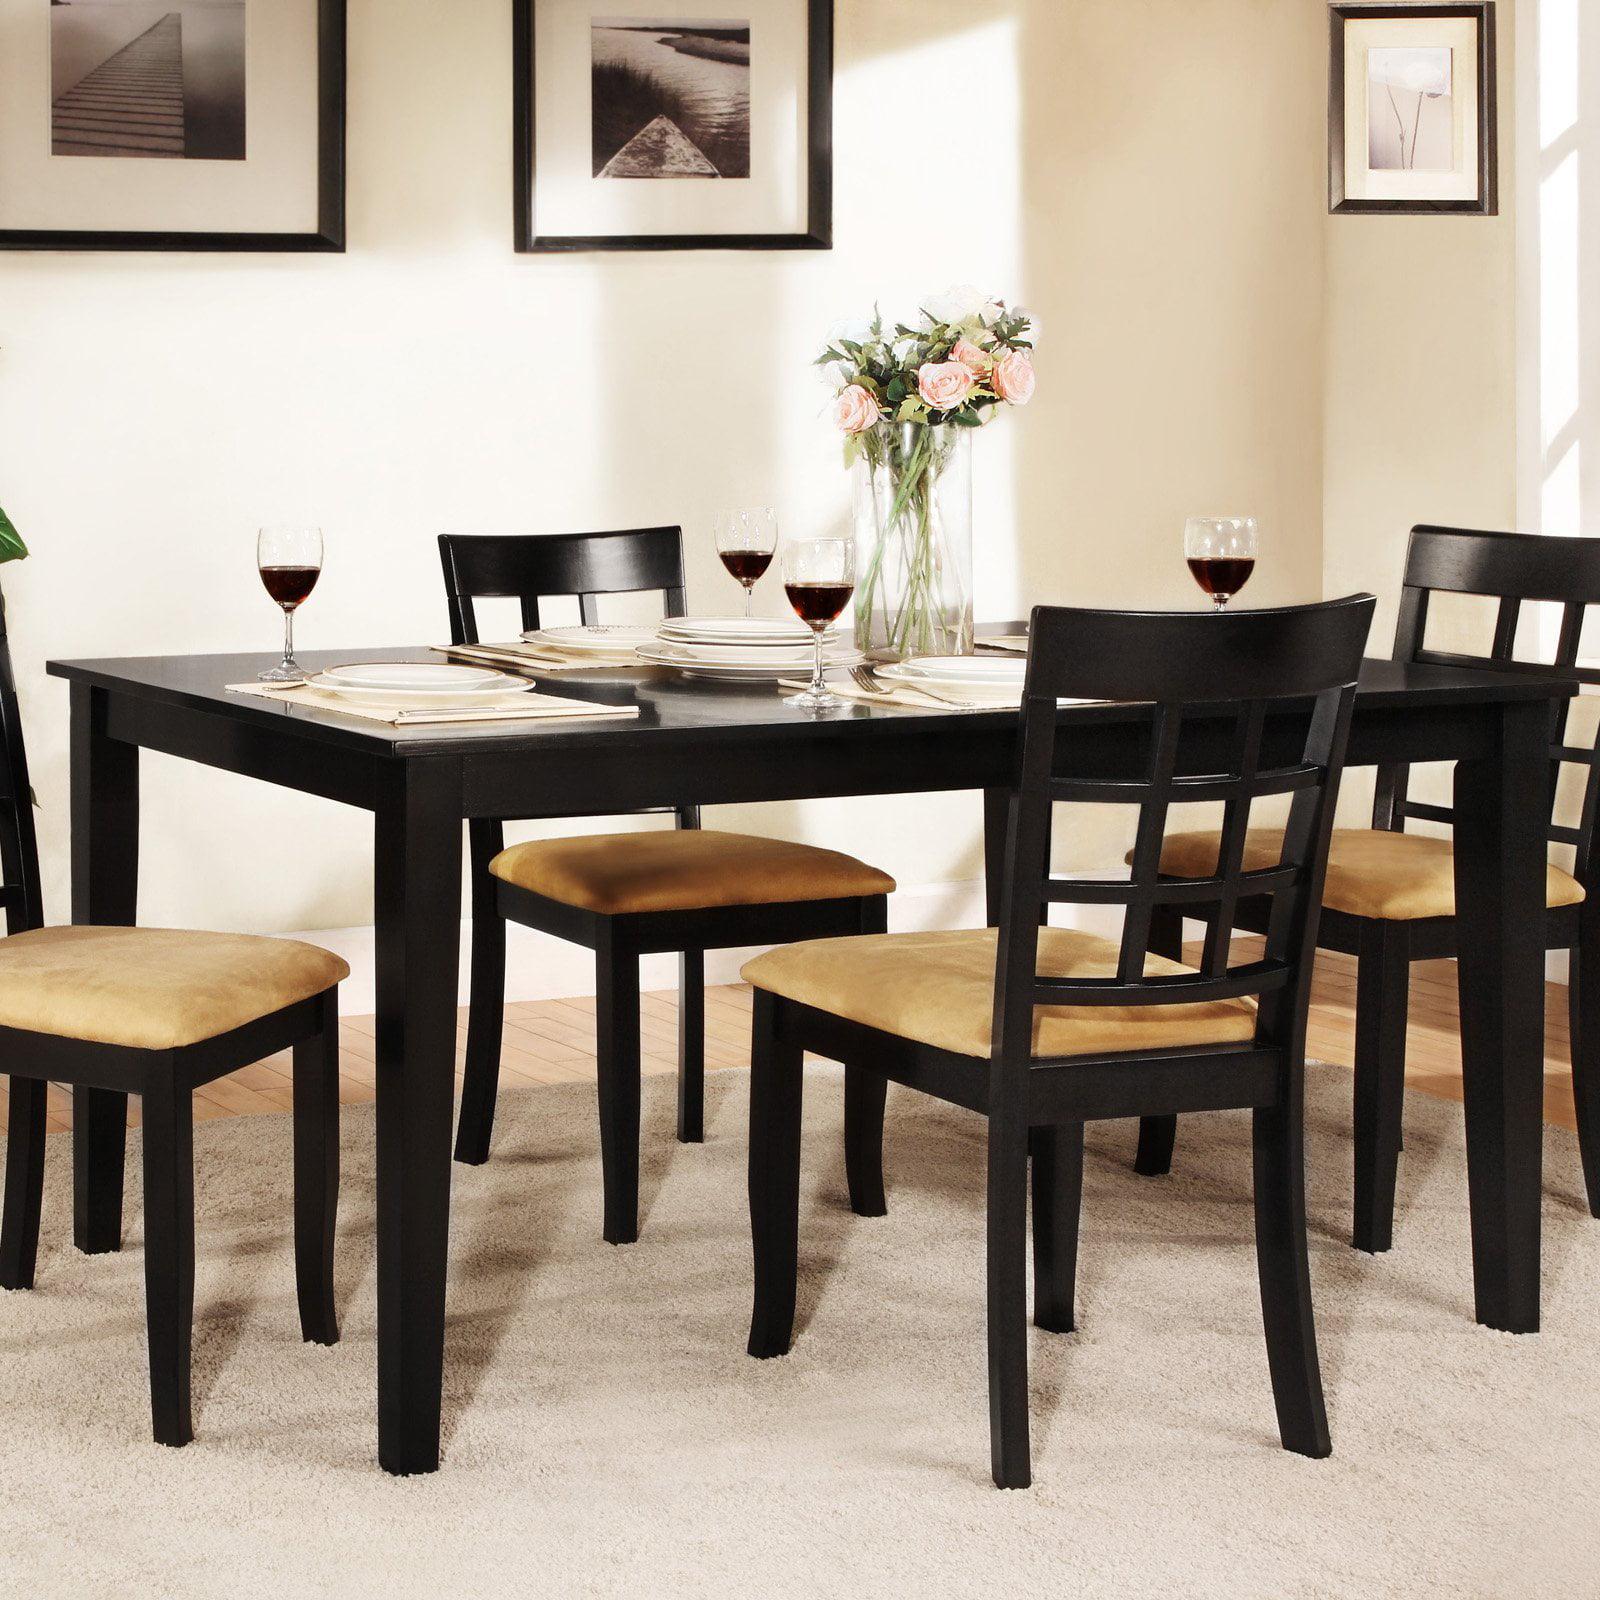 Dining Room Tables - Walmart.com